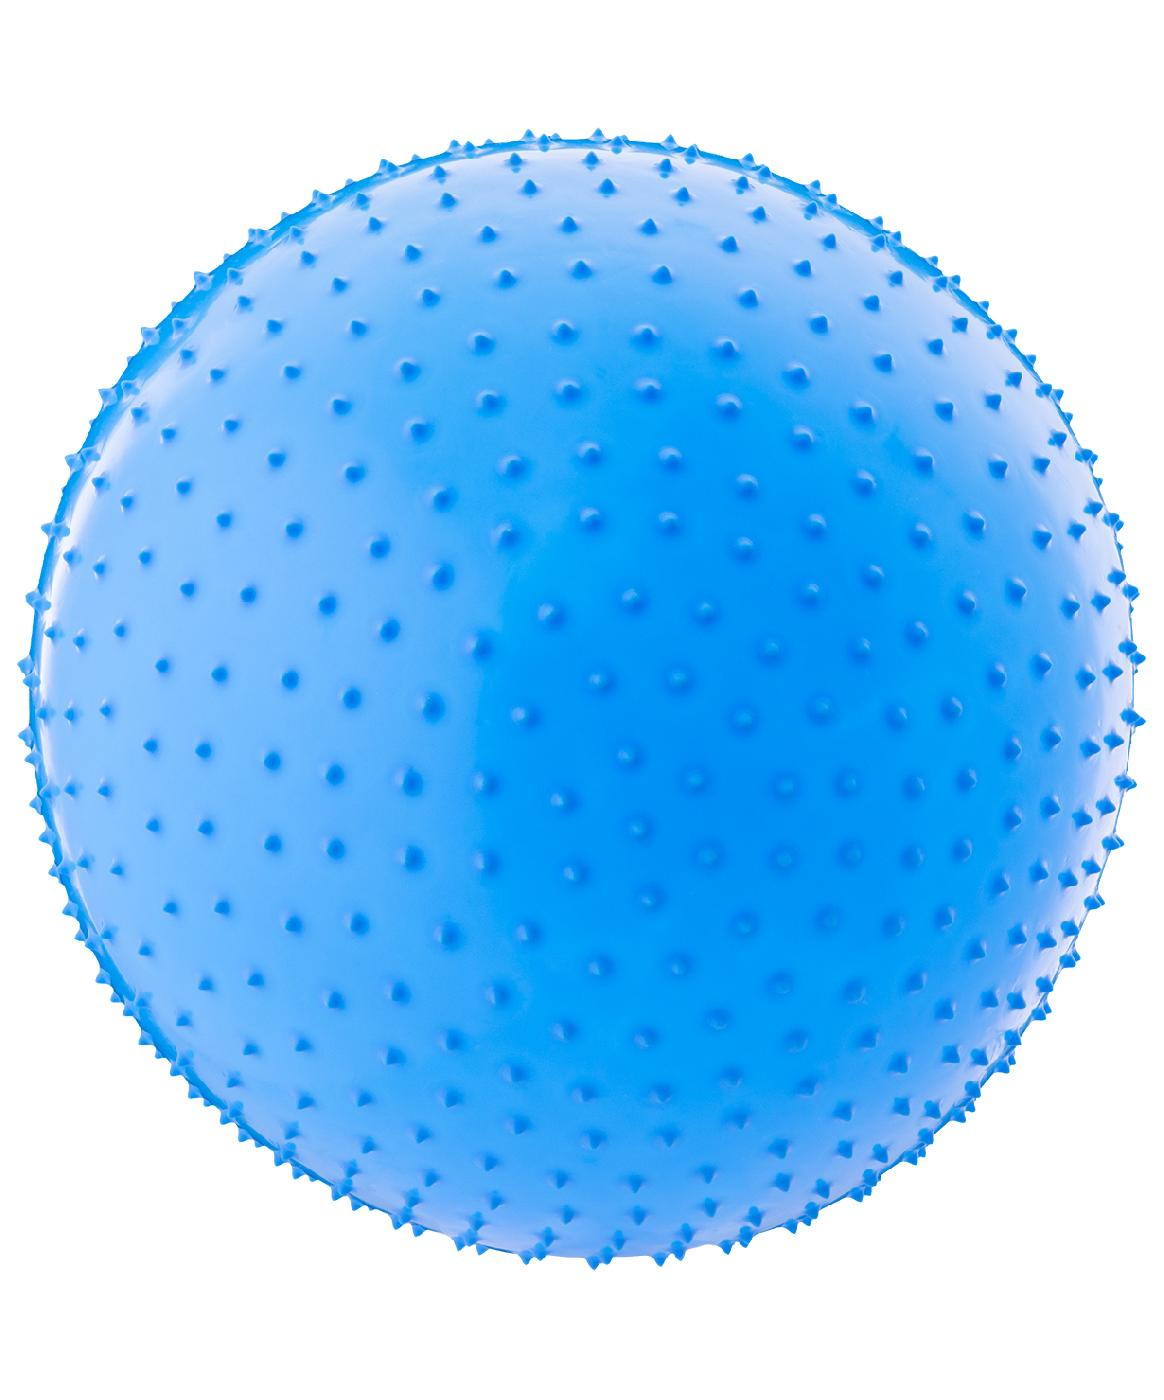 Мяч гимнастический массажный Starfit GB-301 55 см, антивзрыв, синий starfit мяч гимнастический массажный gb 301 65 см фиолетовый антивзрыв